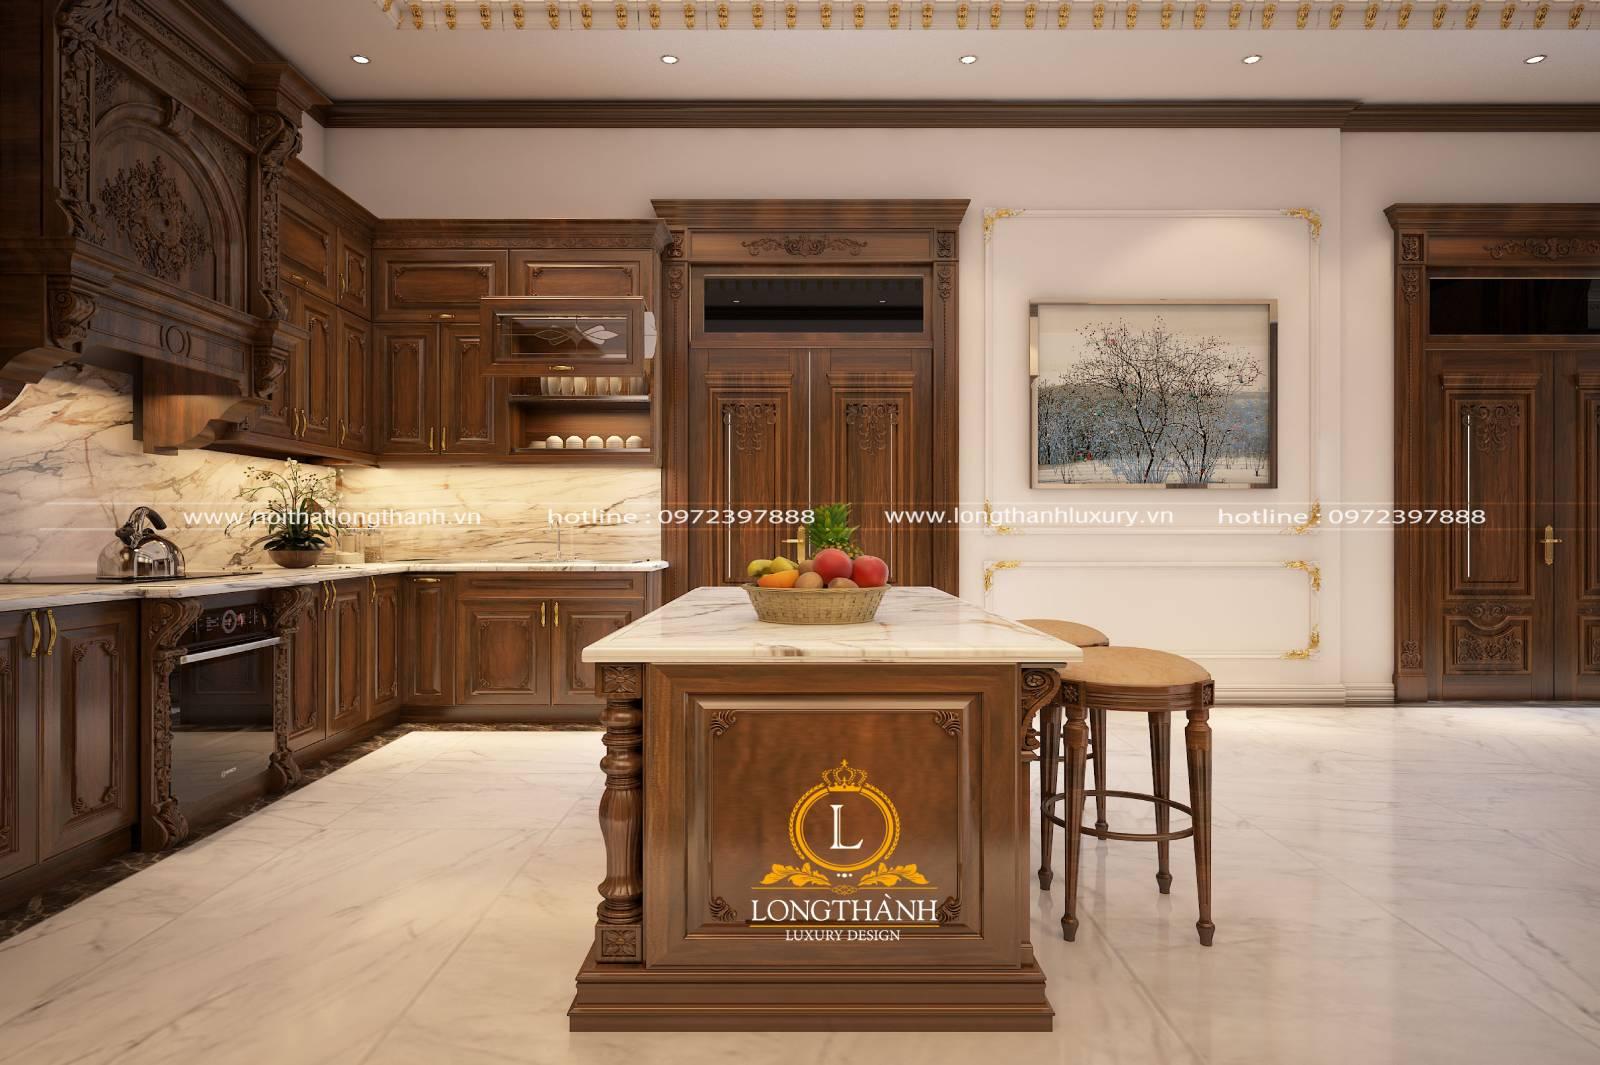 Thiết kế tủ bếp gỗ Gõ LT08 phong cách tân cổ điển nhẹ nhàng ấm cúng